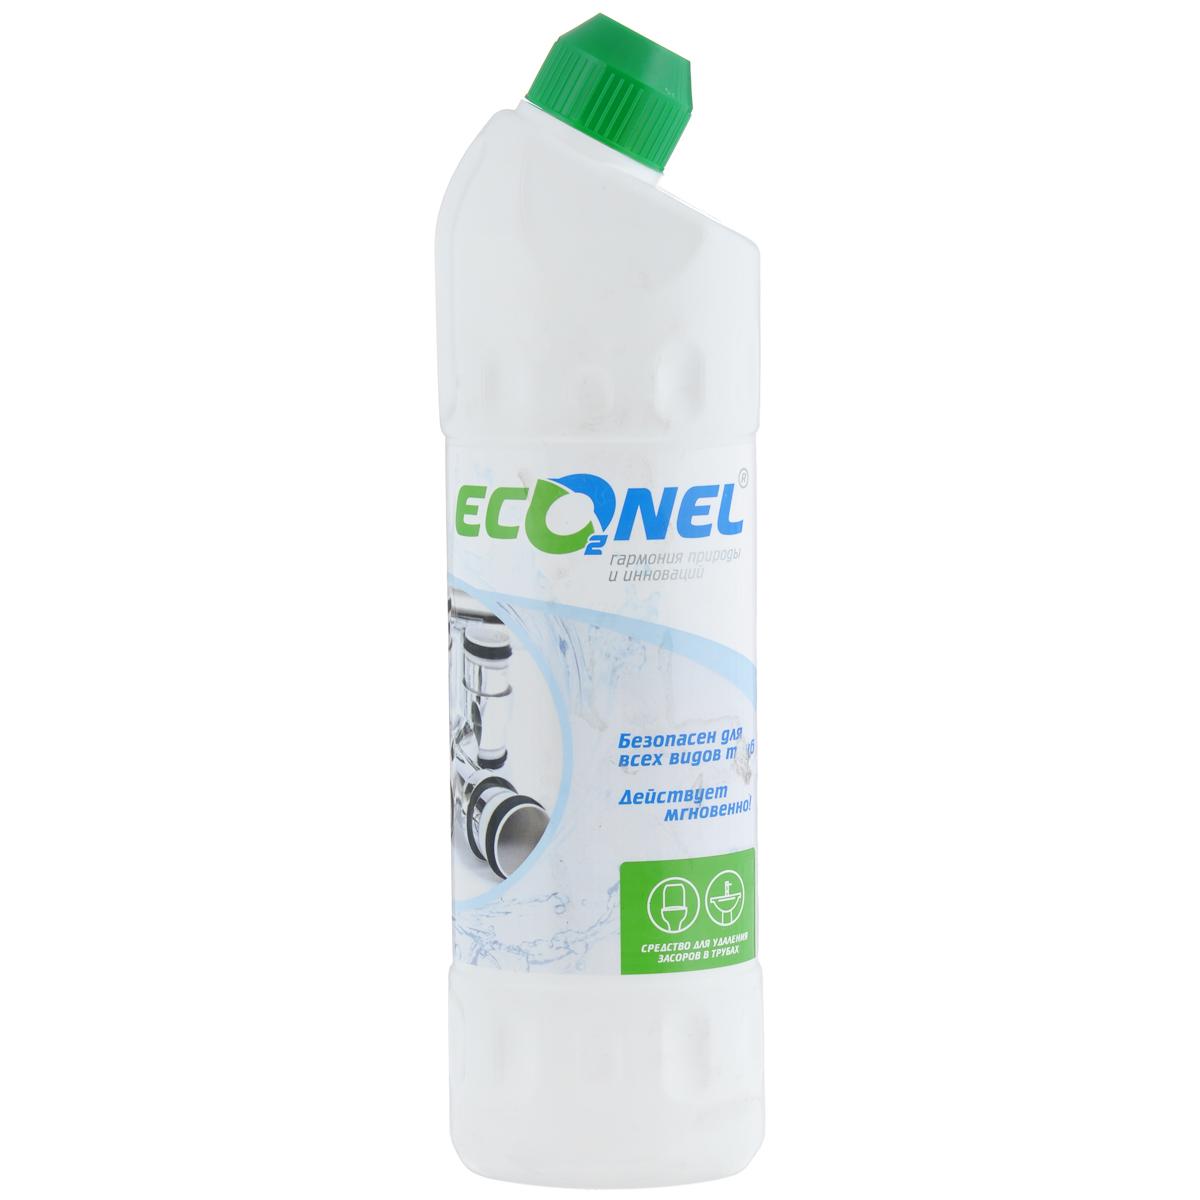 Средство для удаления засоров Econel, 800 г870241Средство Econel предназначено для бытовых нужд, очистки водостоков ванн, умывальников и канализационных труб от засорения органическими посторонними материалами и отходами жирового характера. Состав: 5-15% гидроксид натрия, более 30% вода очищенная.